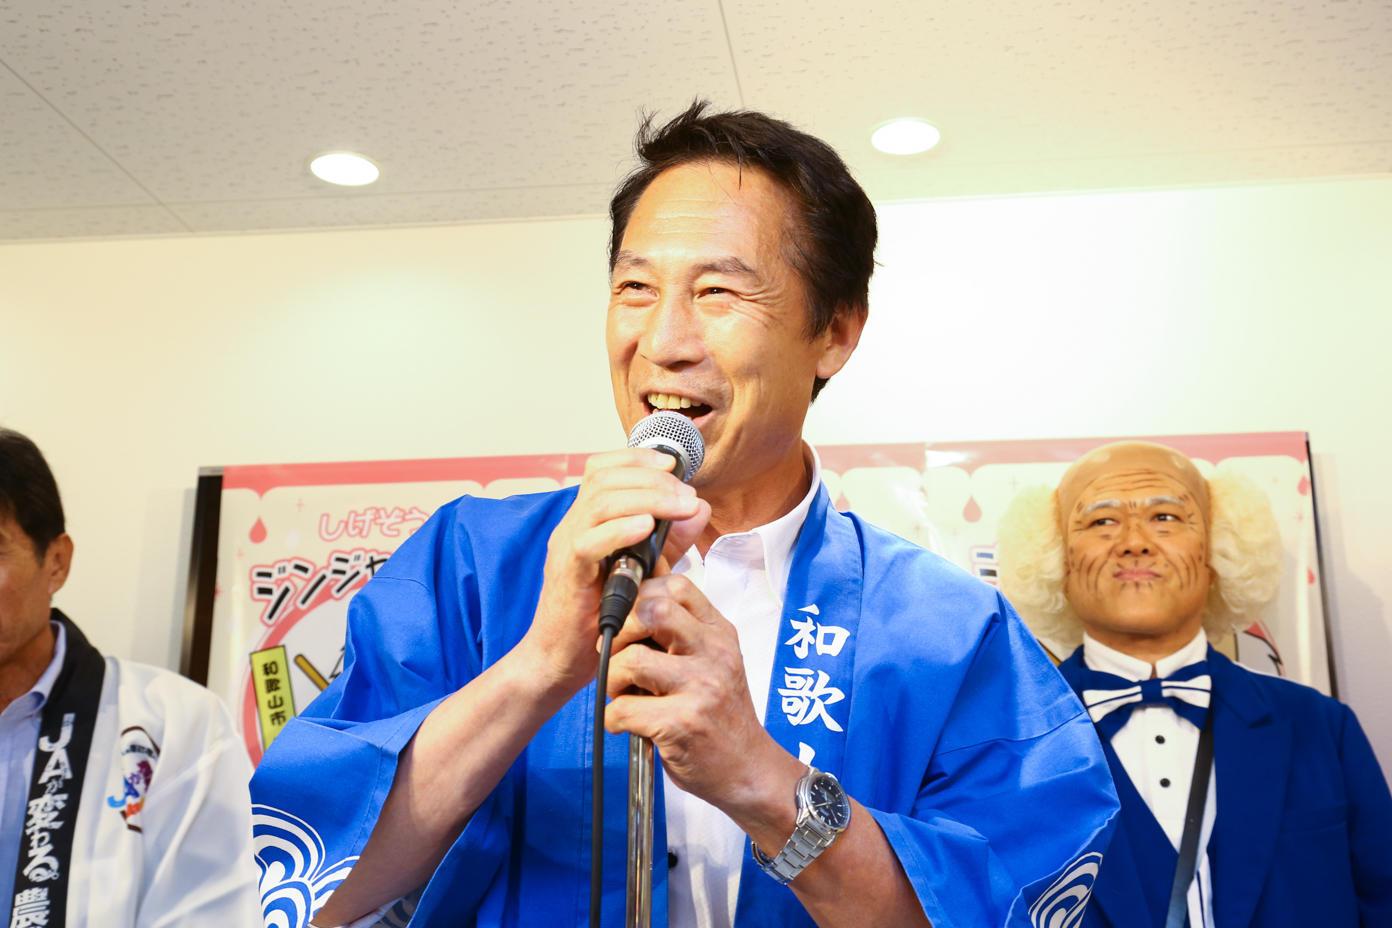 http://news.yoshimoto.co.jp/20180807211959-fe8a04ca6937c596fa1bec6cabcc4a390287c6d0.jpg